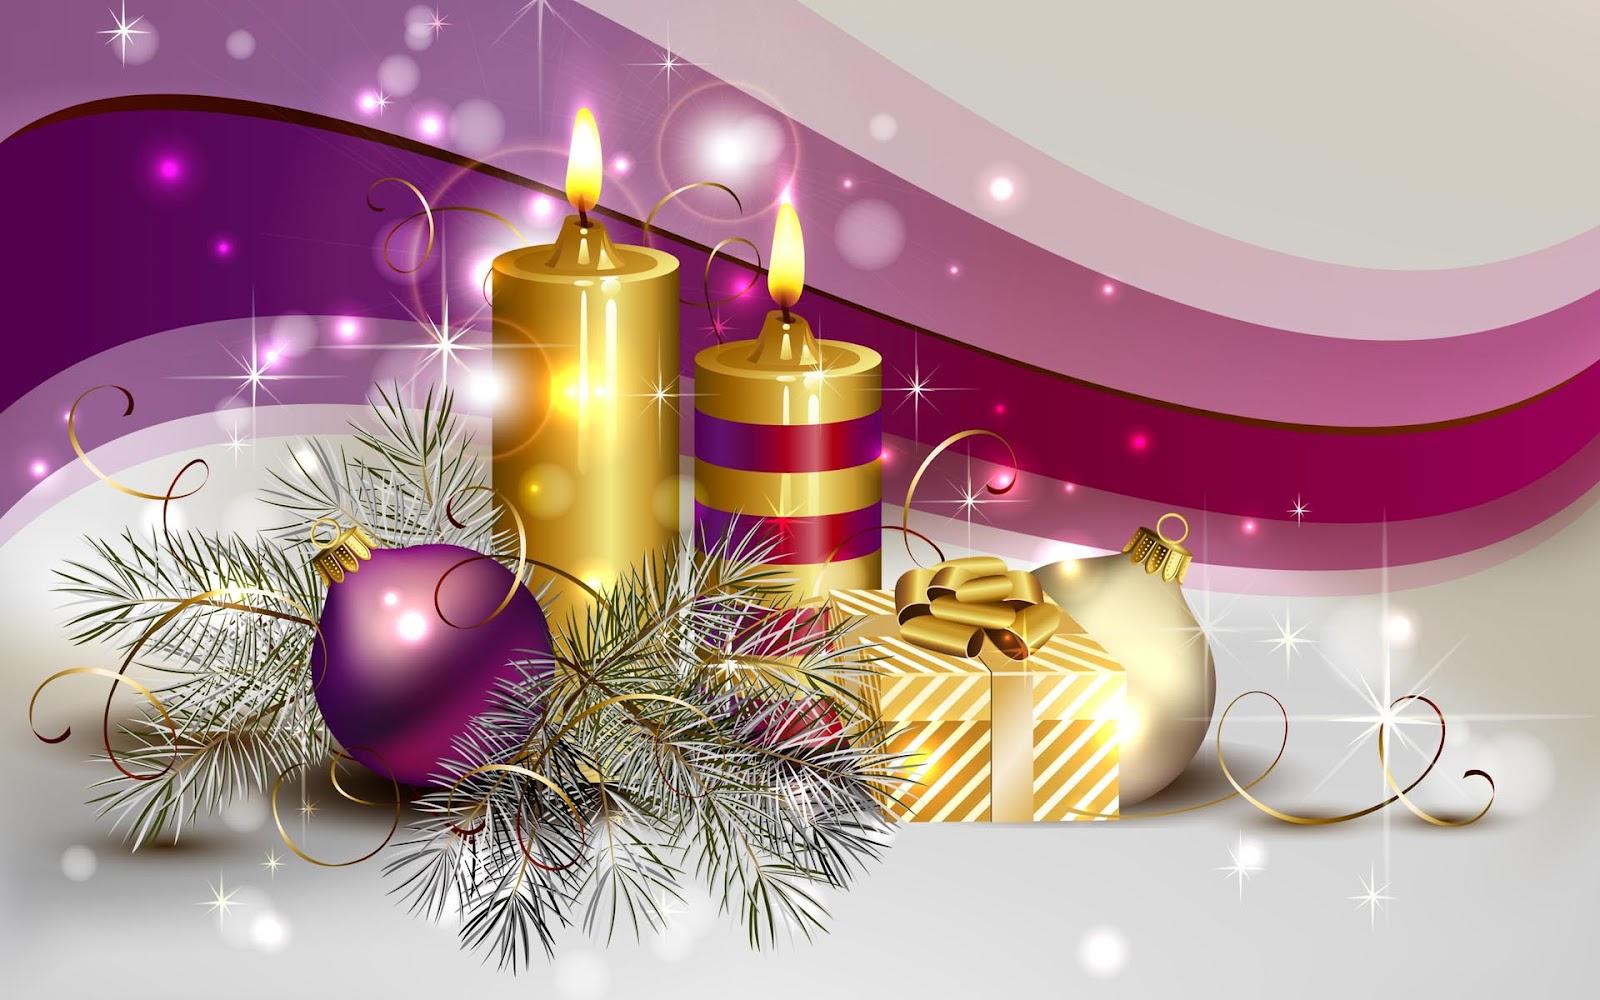 Kaarsen en kerstballen | Bureaublad Achtergronden Wallpapers Kerst Achtergronden